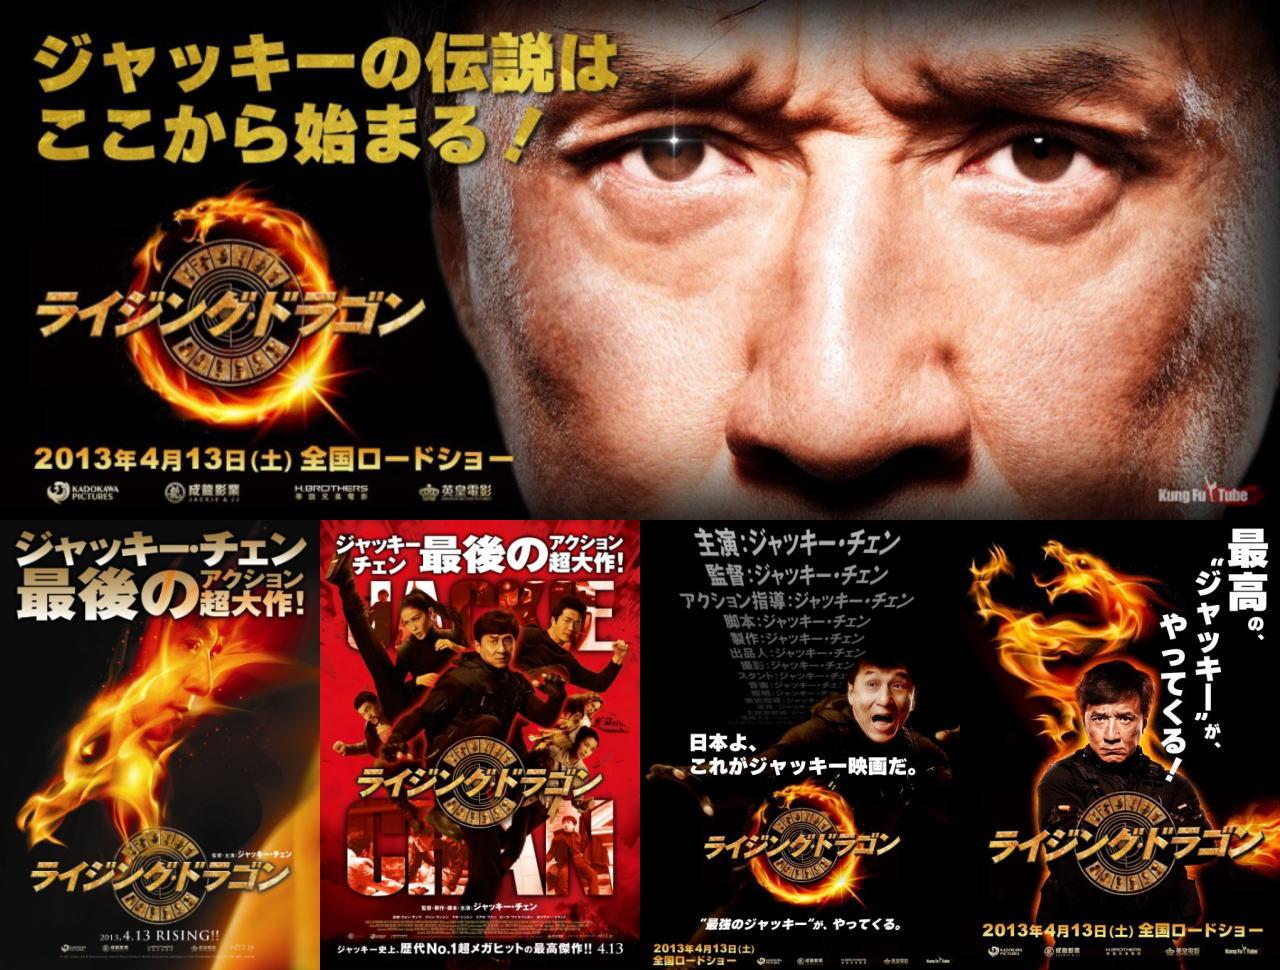 映画『ライジング・ドラゴン (2012) 十二生肖 (原題) / CHINESE ZODIAC / CZ12』ポスター(9)▼ポスター画像クリックで拡大します。